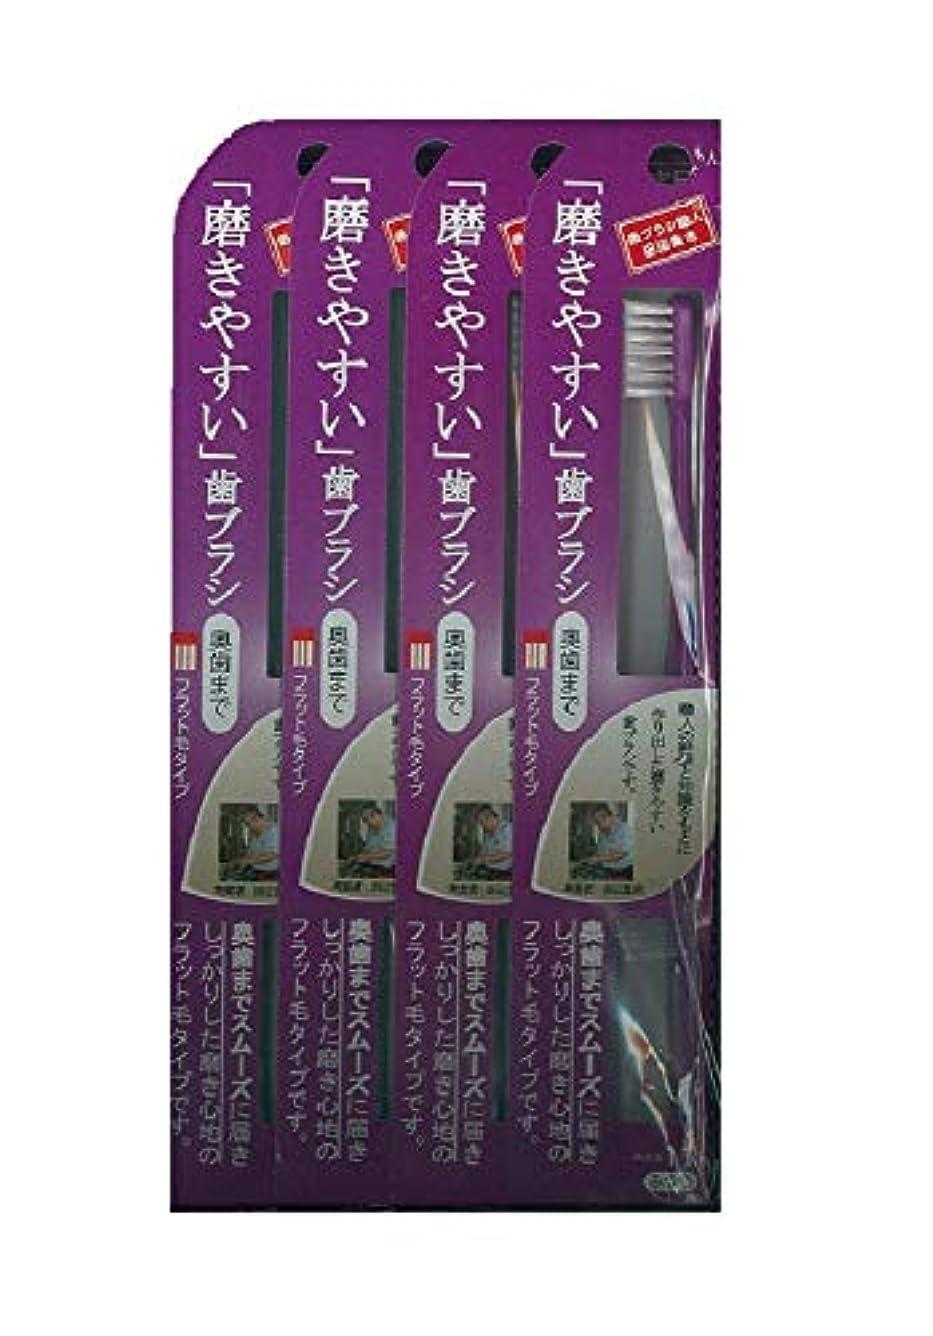 前件ランチョン控えめな歯ブラシ職人 田辺重吉 磨きやすい歯ブラシ 奥歯まで フラット毛タイプ LT-11(1本×4個セット)